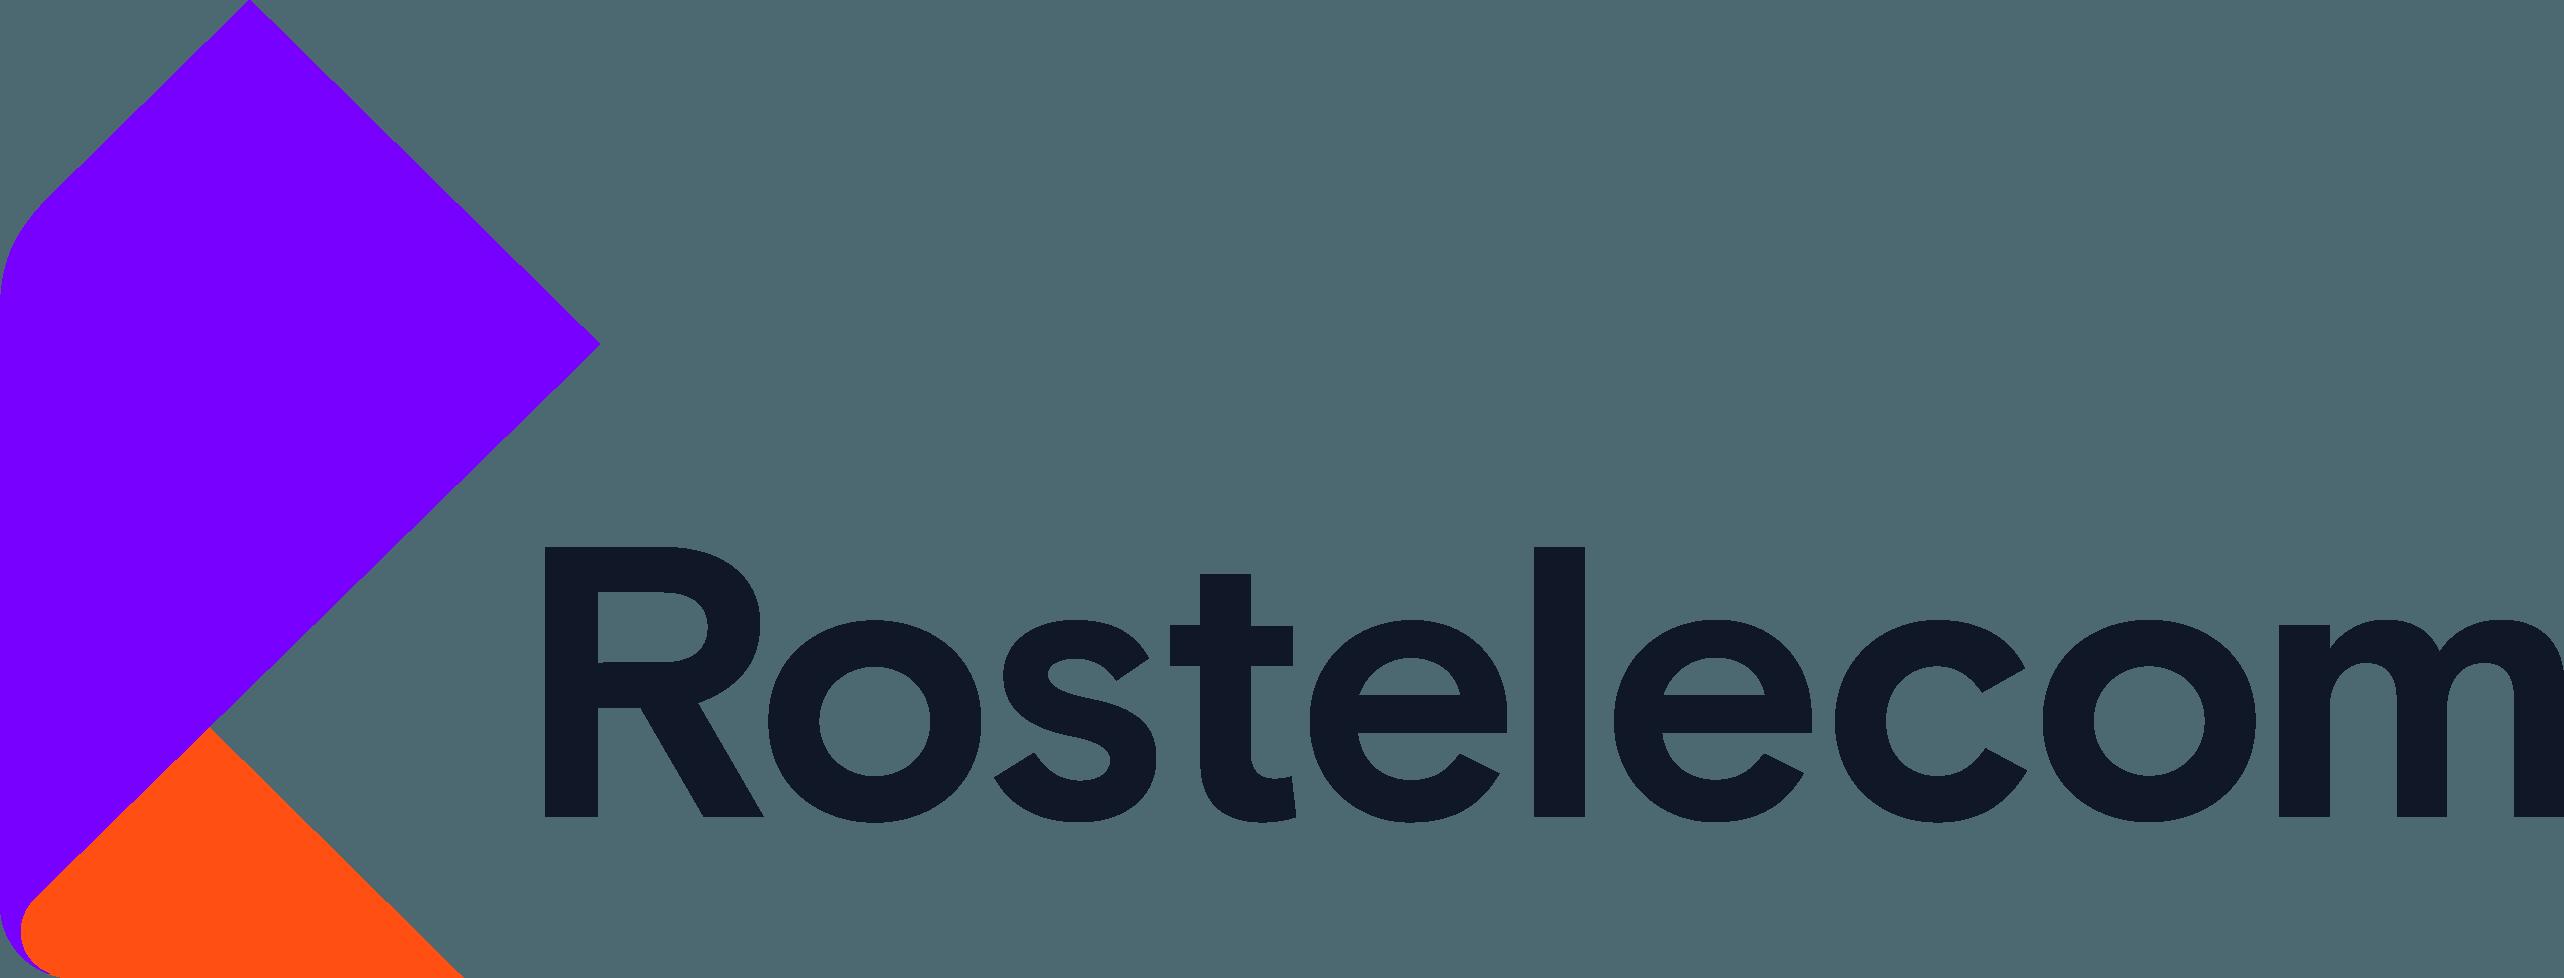 Rostelecom Logo (Ростелеком) png